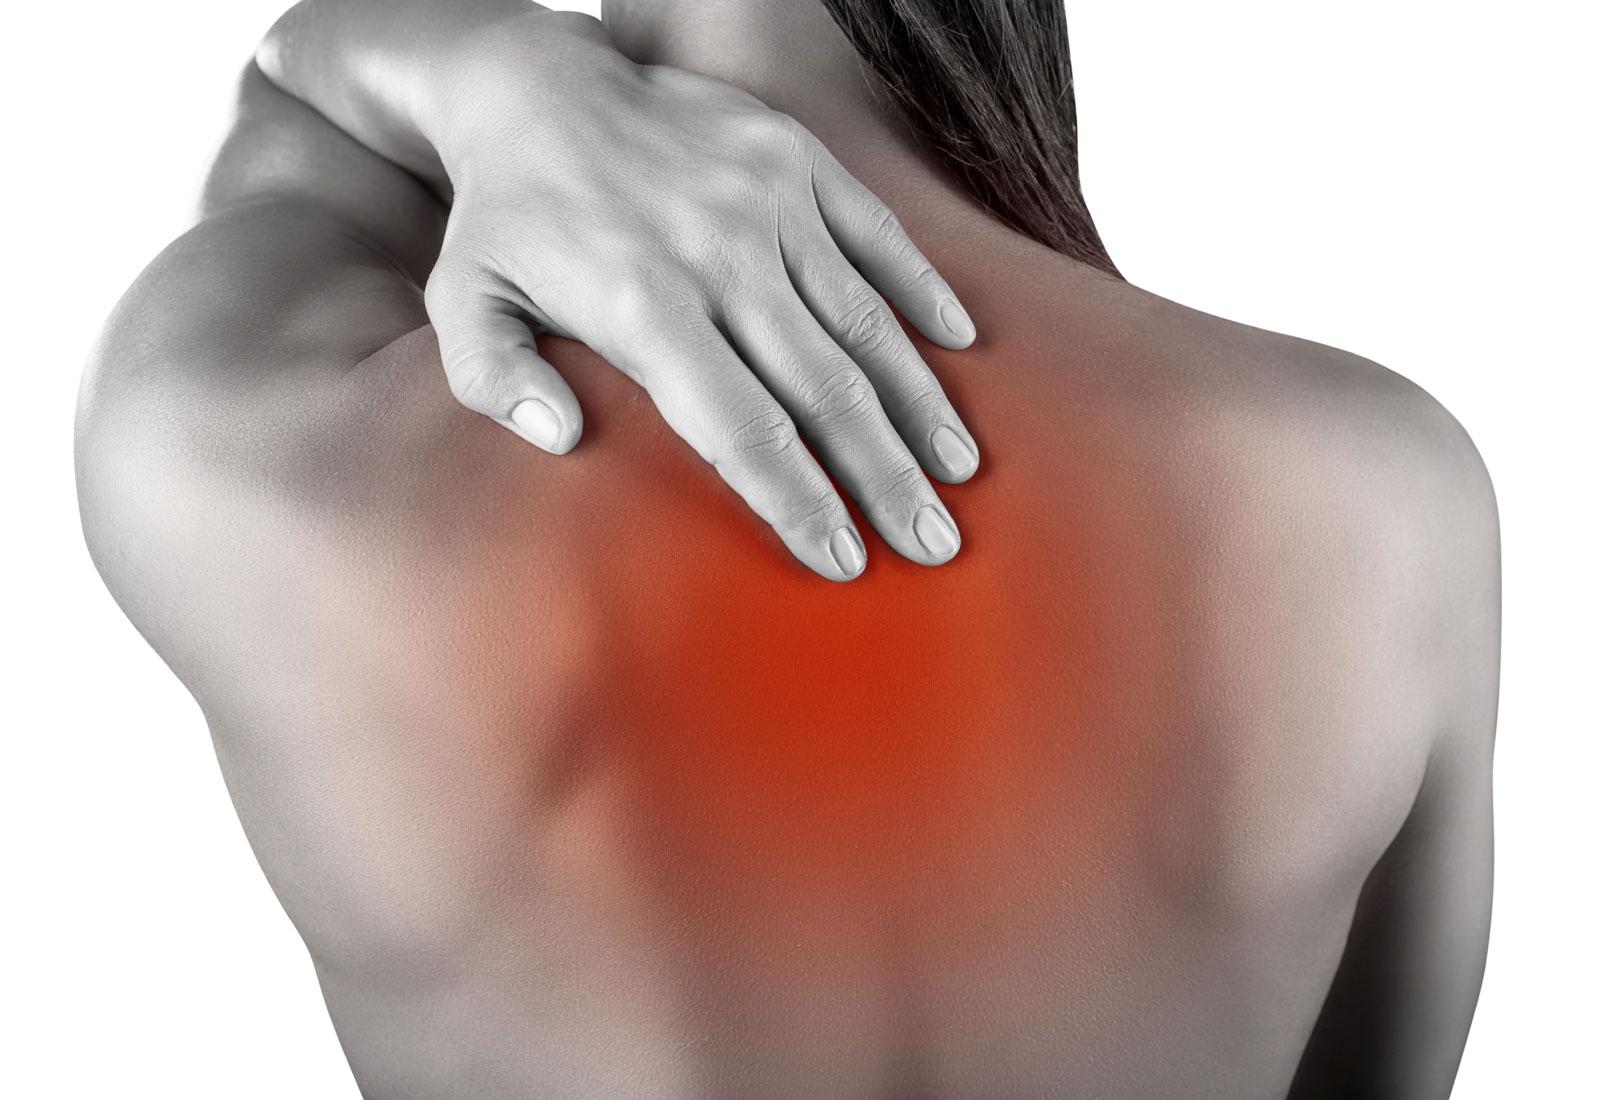 Боли в спине. Причины и лечение остеохондроза.